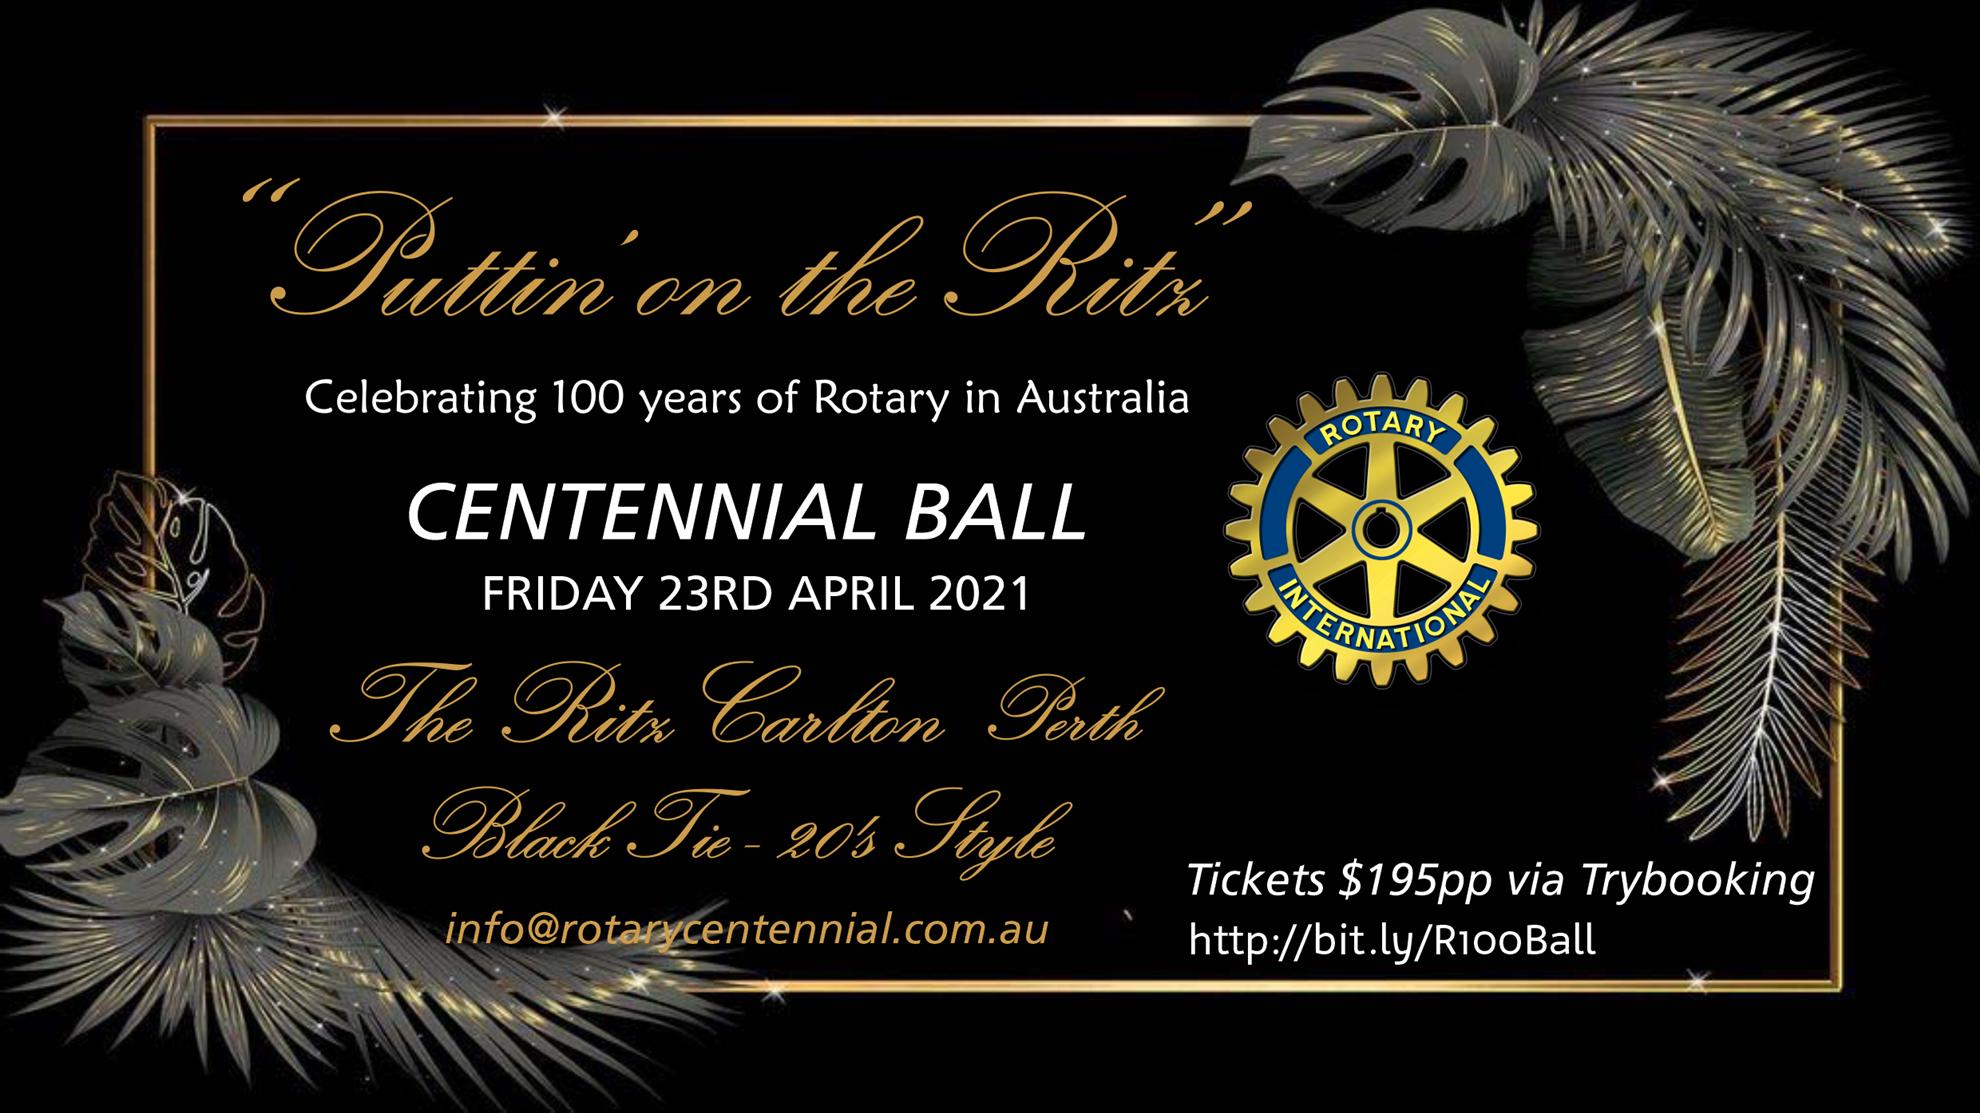 Rotary Centennial Ball